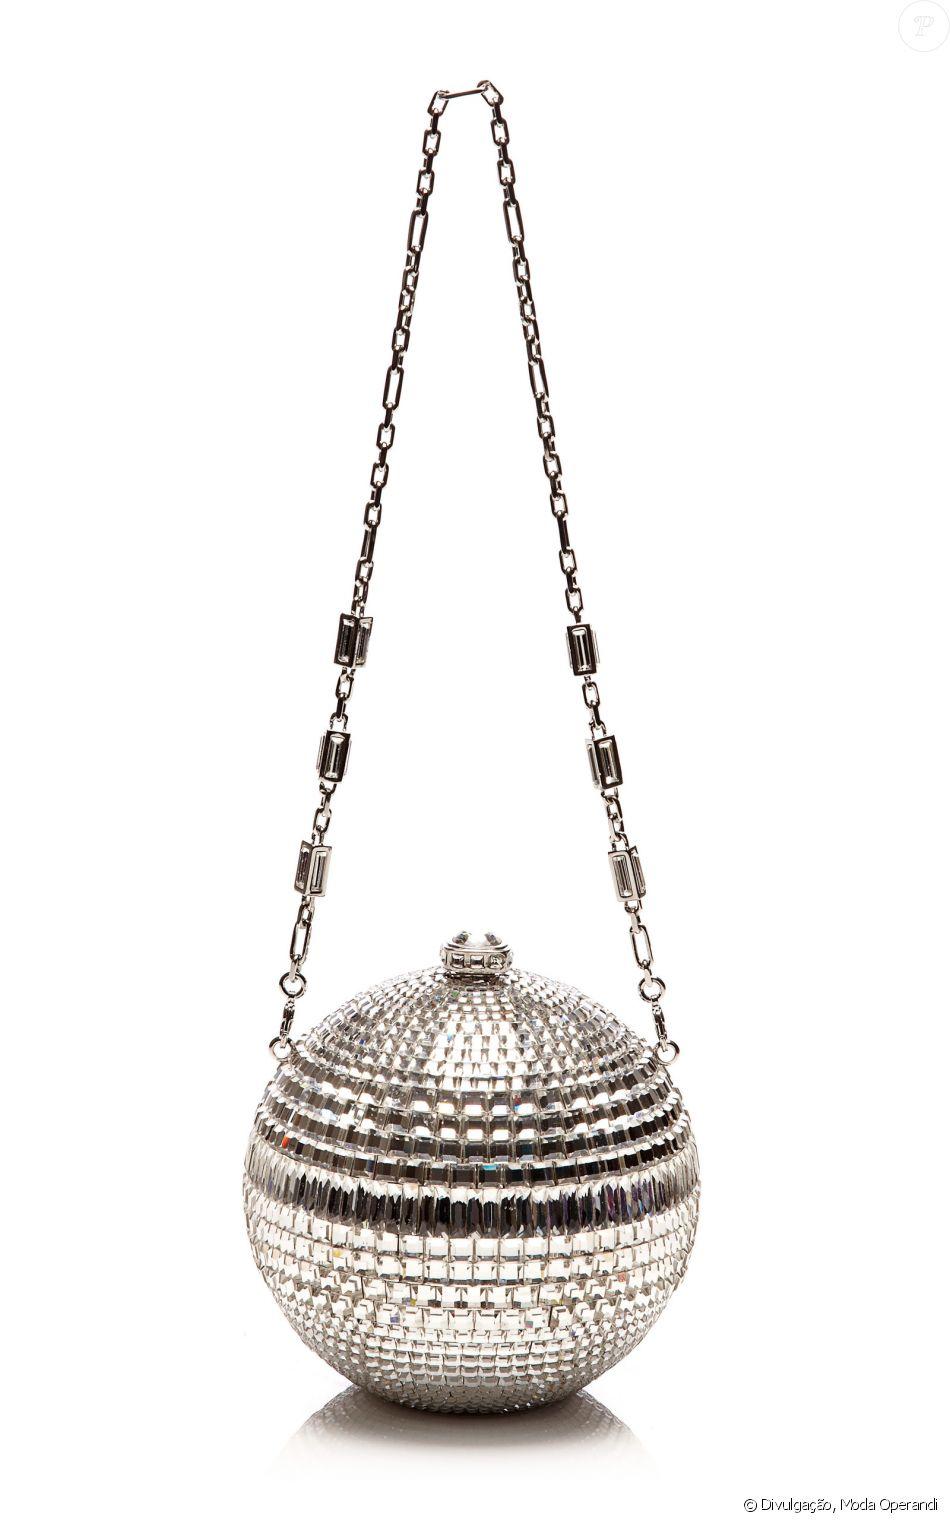 7aea4a953 A bolsa de globo de discoteca leva a assinatura de Judith Leiber Couture e  é avaliada em $ 3.995, aproximadamente R$ 13.200